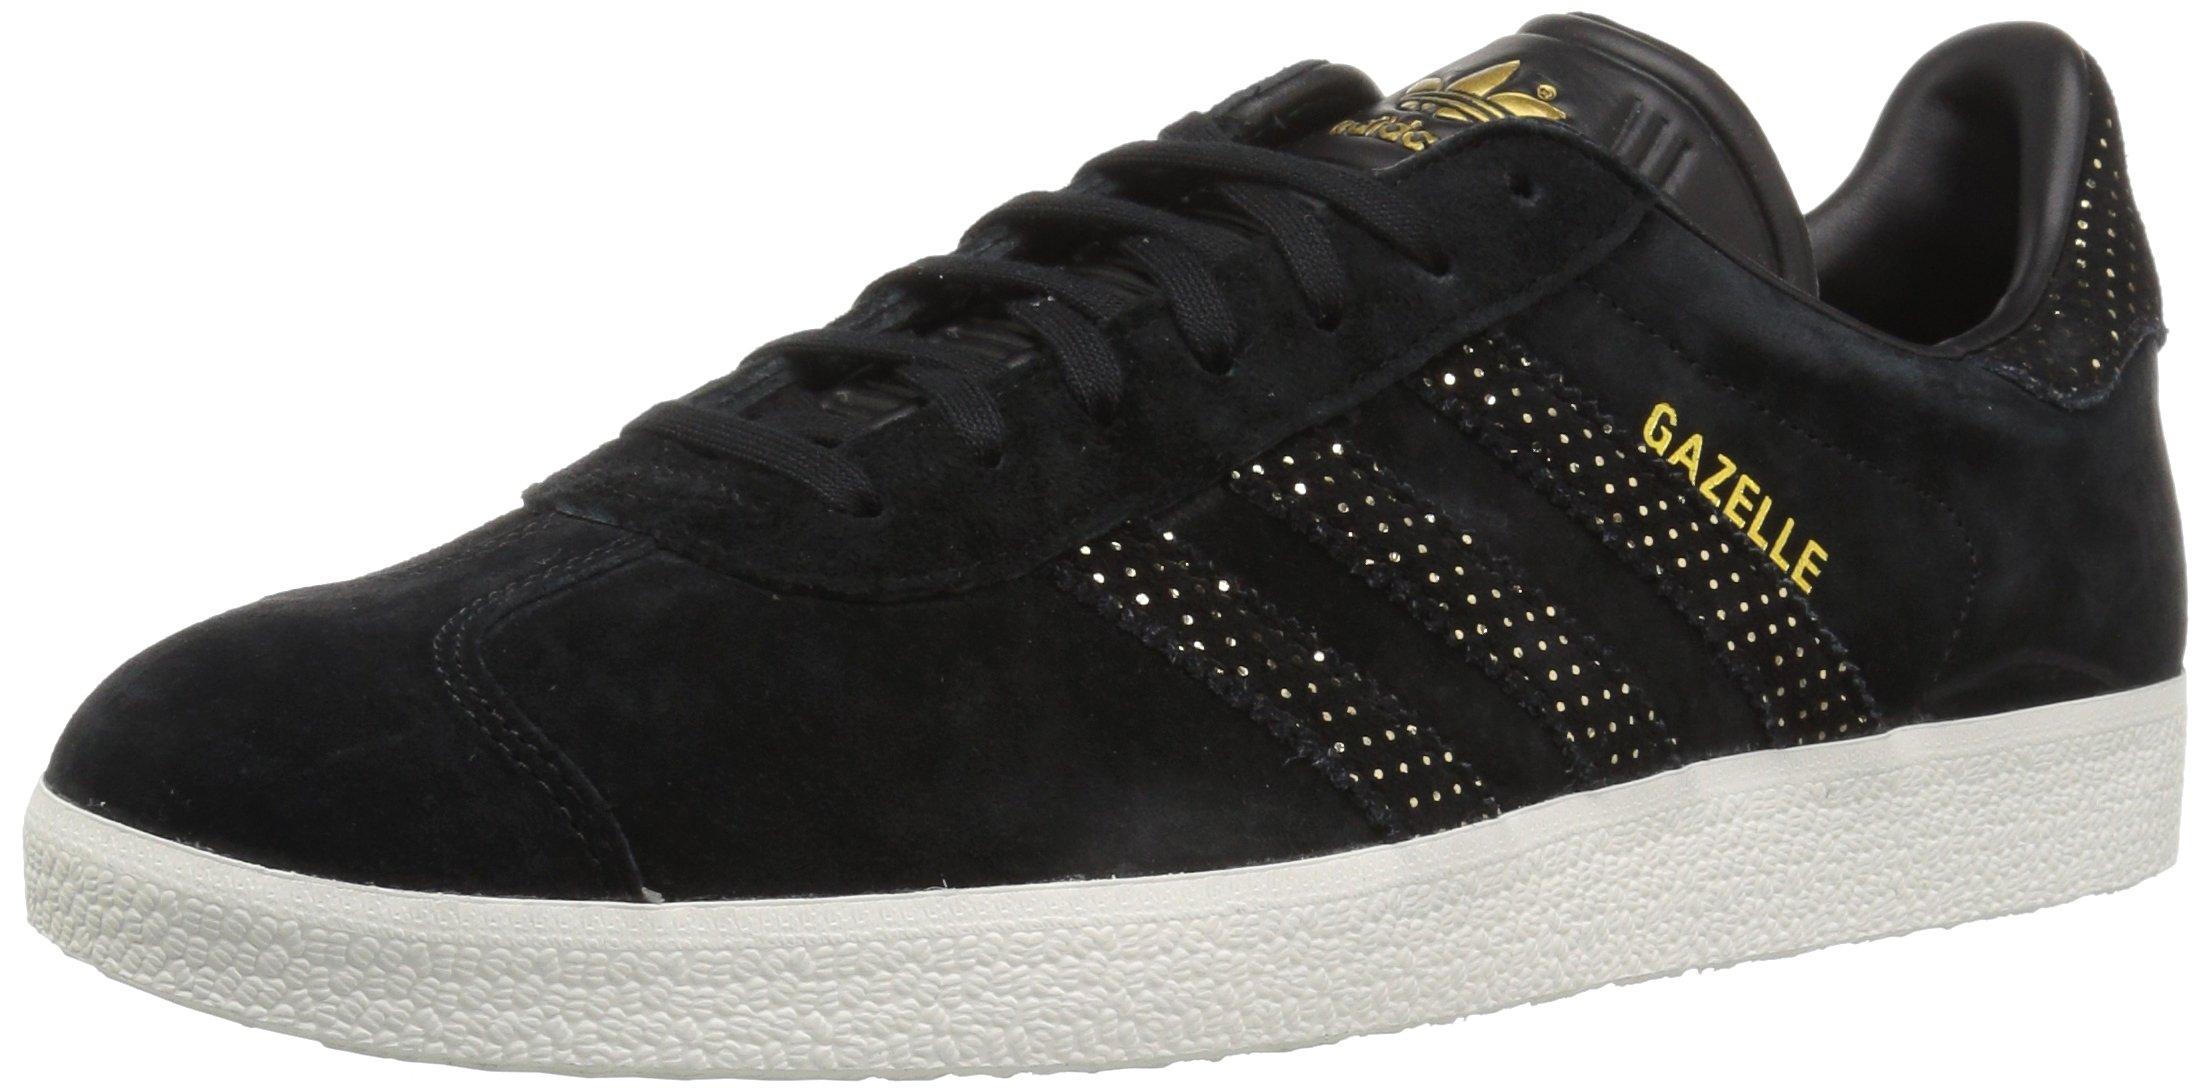 Gazelle Sneaker Size 9.5 Black